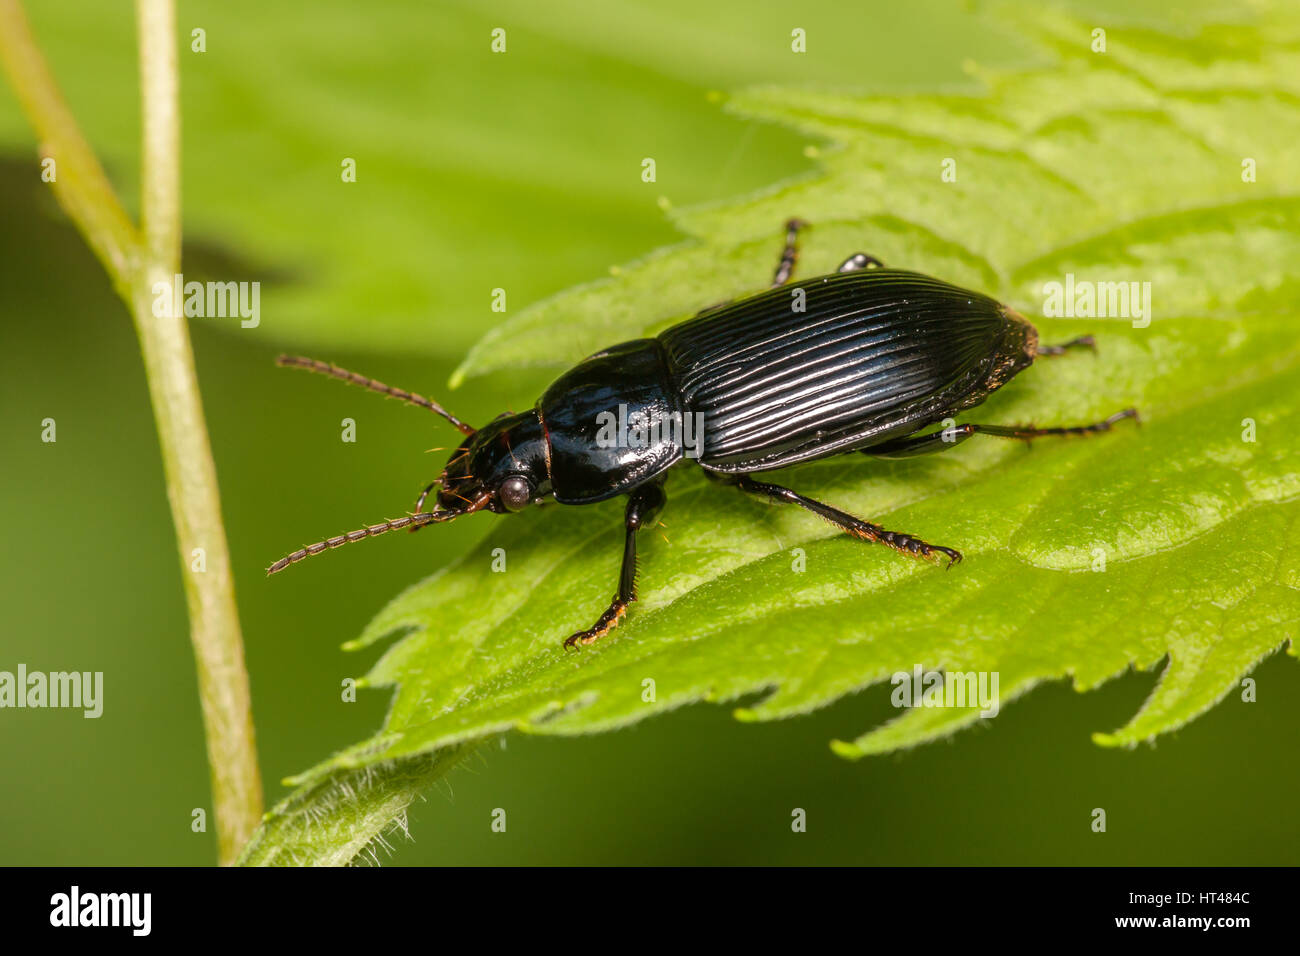 Ein Wald-Boden-Käfer (Pterostichus SP.) hockt auf einem Blatt. Stockbild